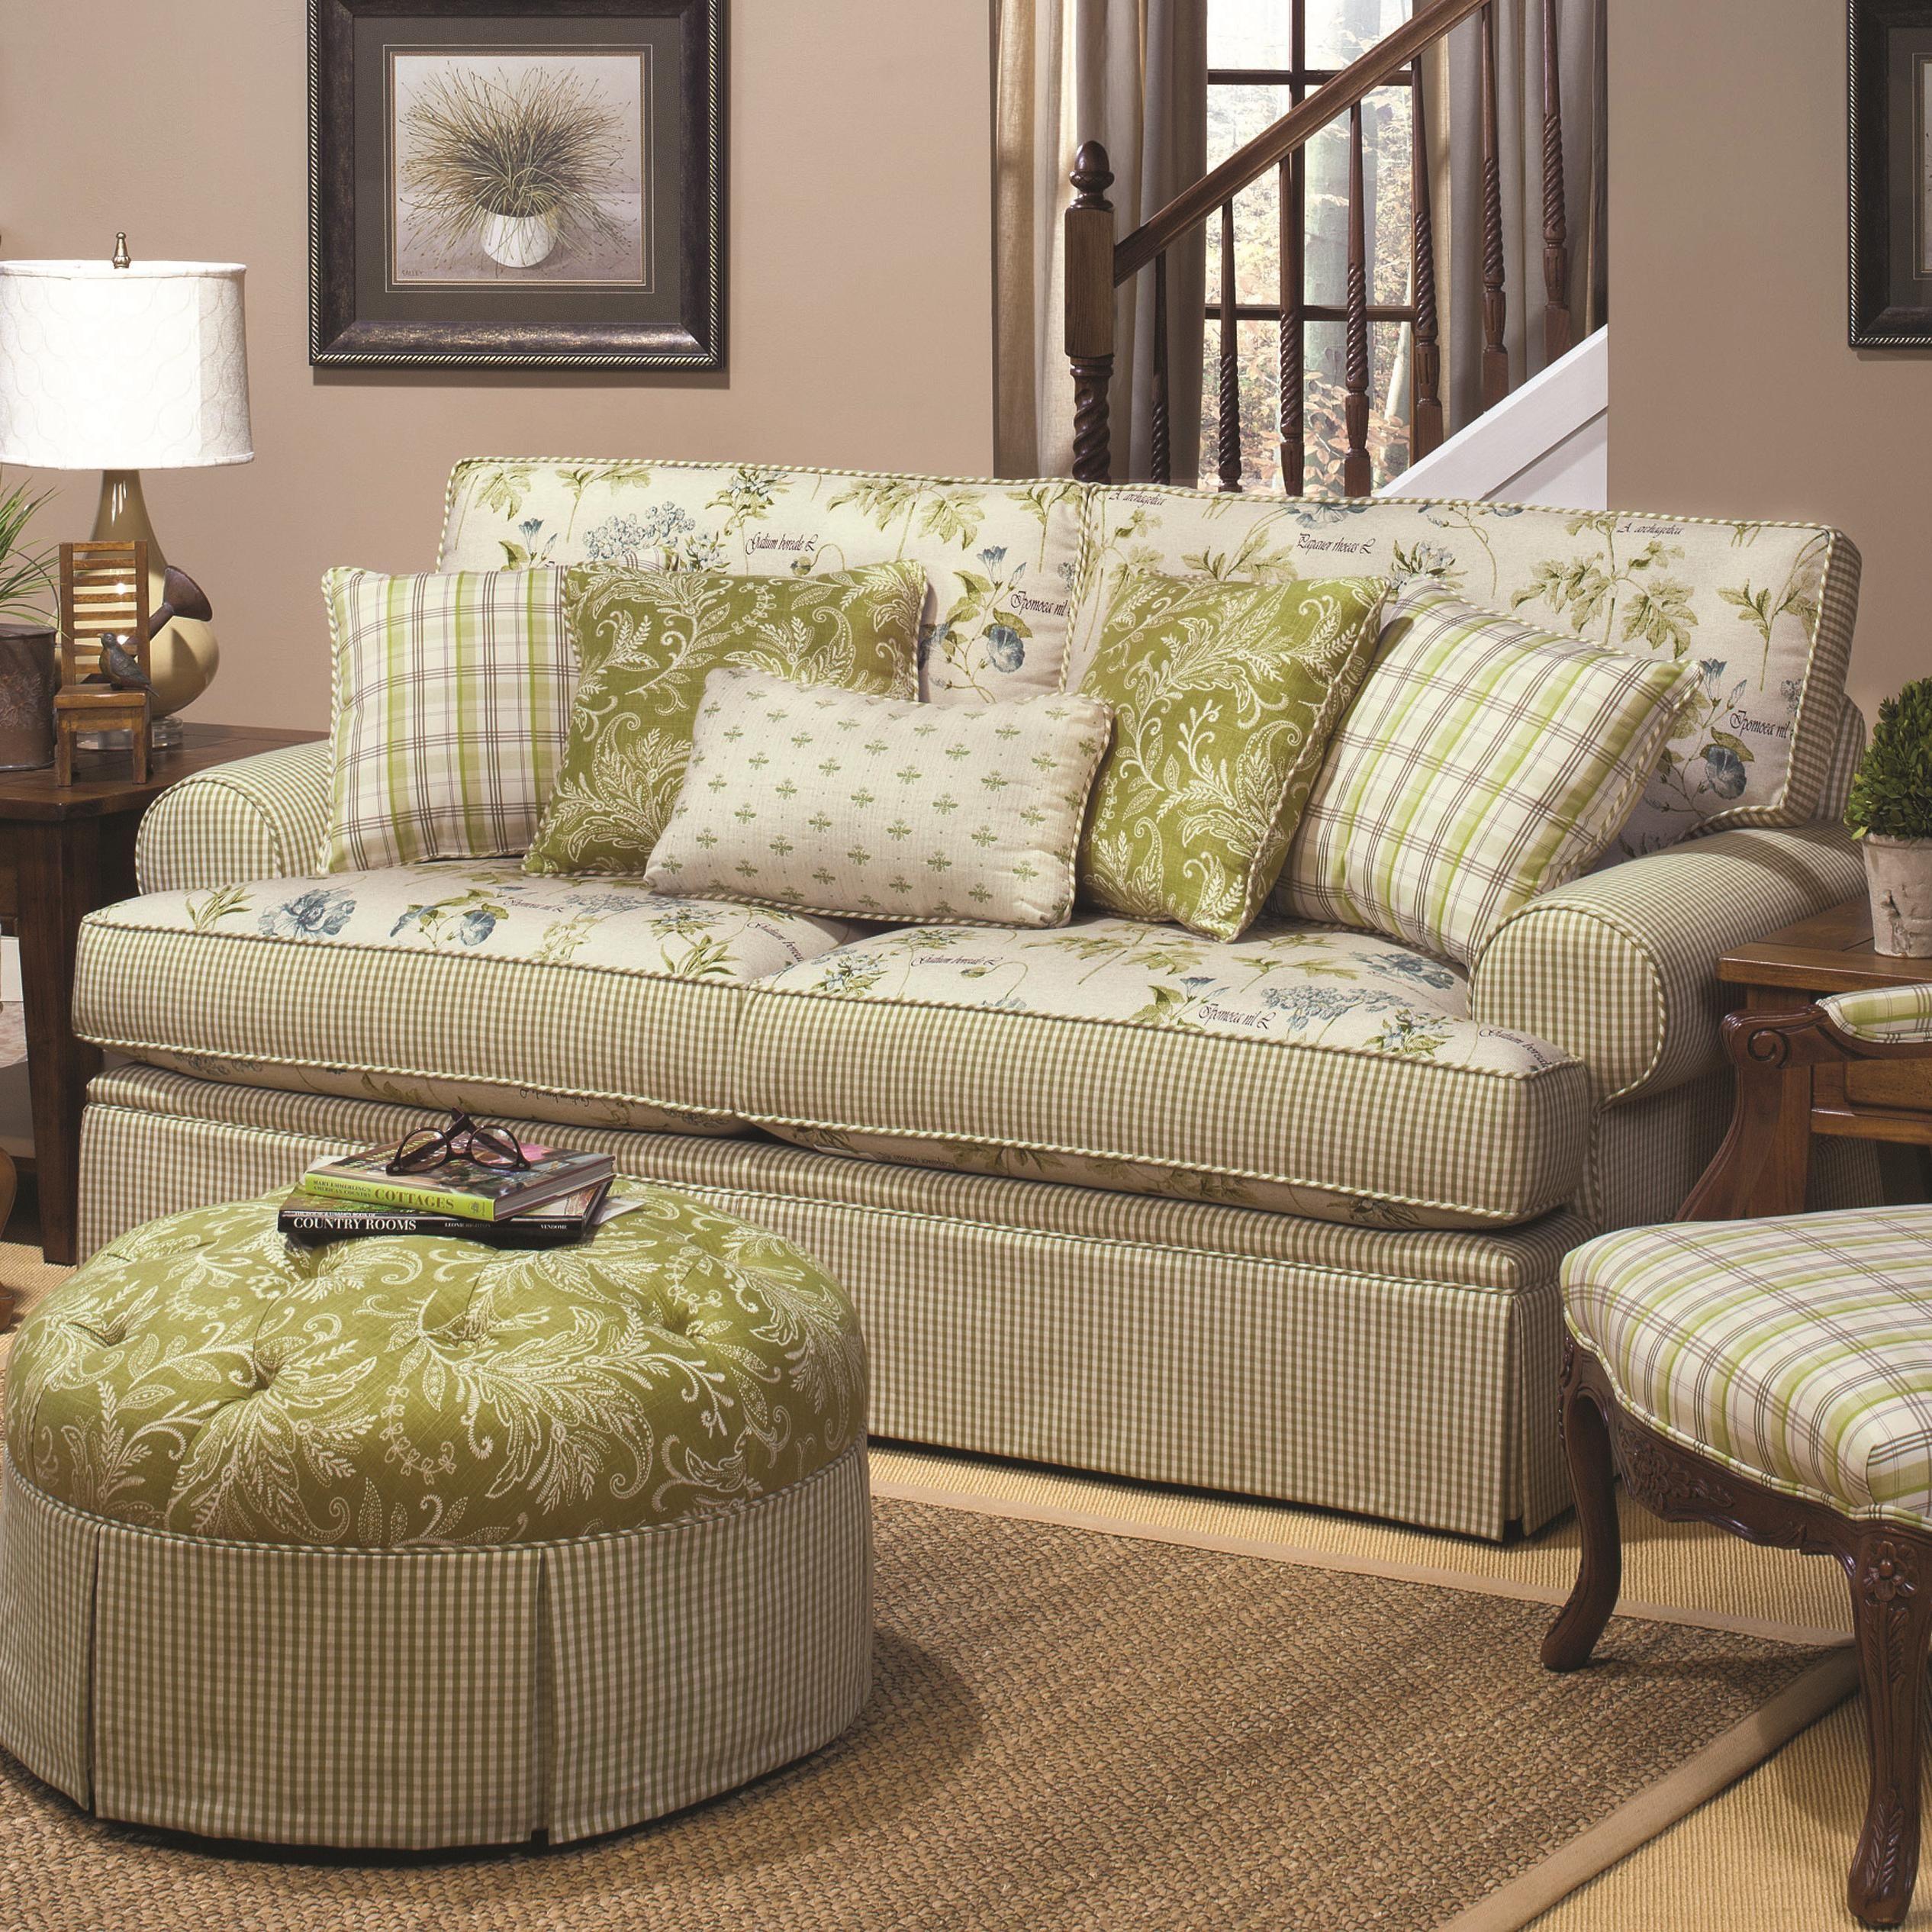 Landhausmöbel bauernmöbel feine möbel wohnzimmer möbel möbeldesign farbwechsel eine farbe zuhause wohnzimmer bankett